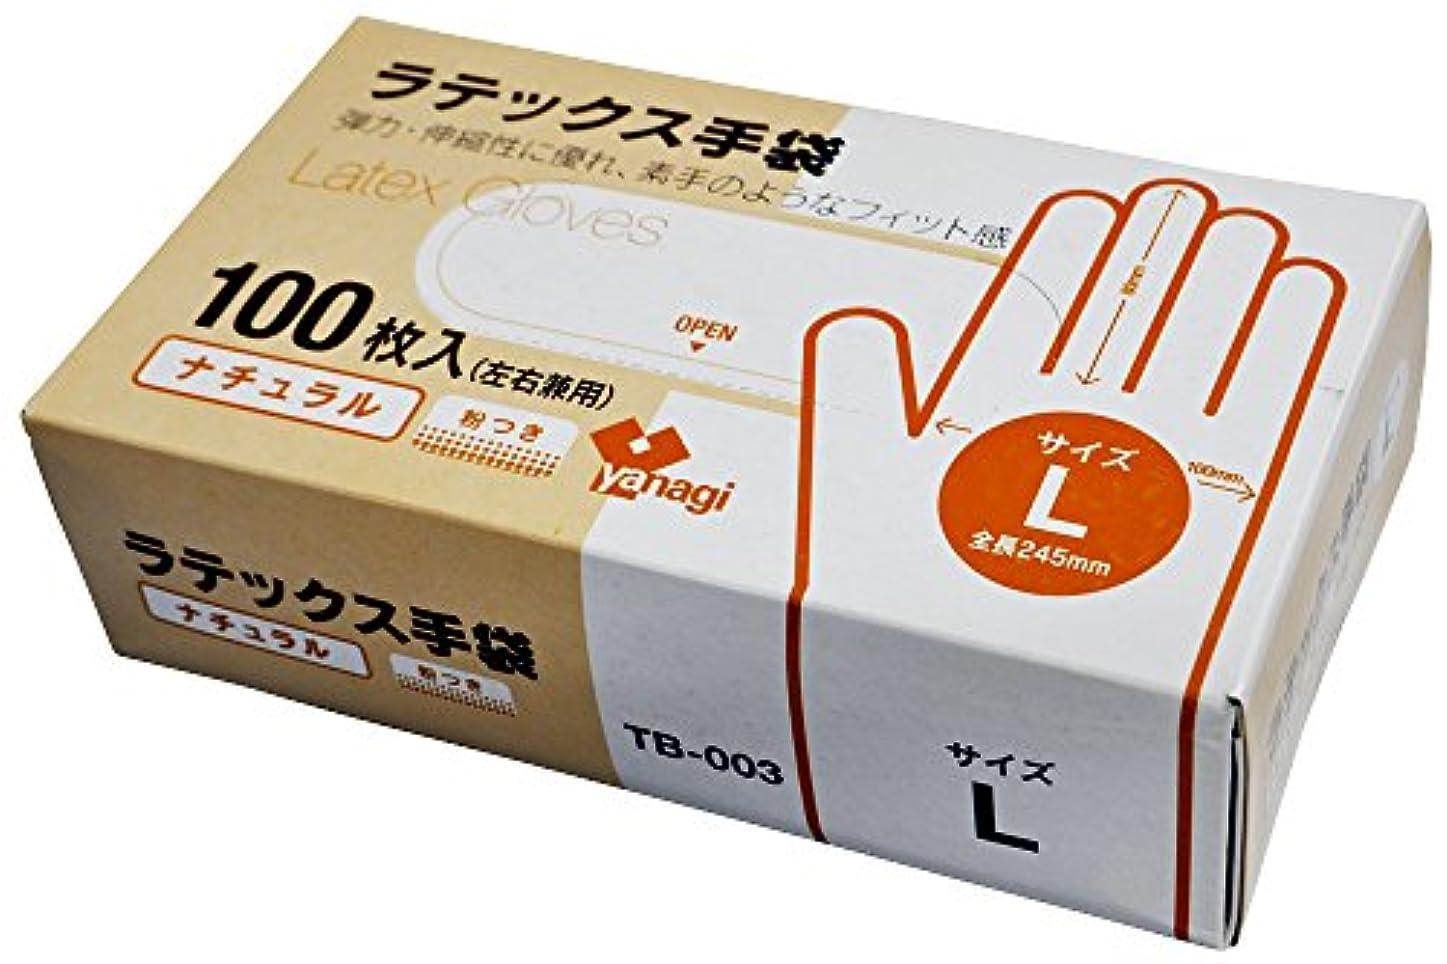 十一理論引く使い捨て ラテックス手袋 ナチュラル色 左右兼用 Lサイズ 100枚入 粉つき 食品衛生法規格基準適合品 TB-003